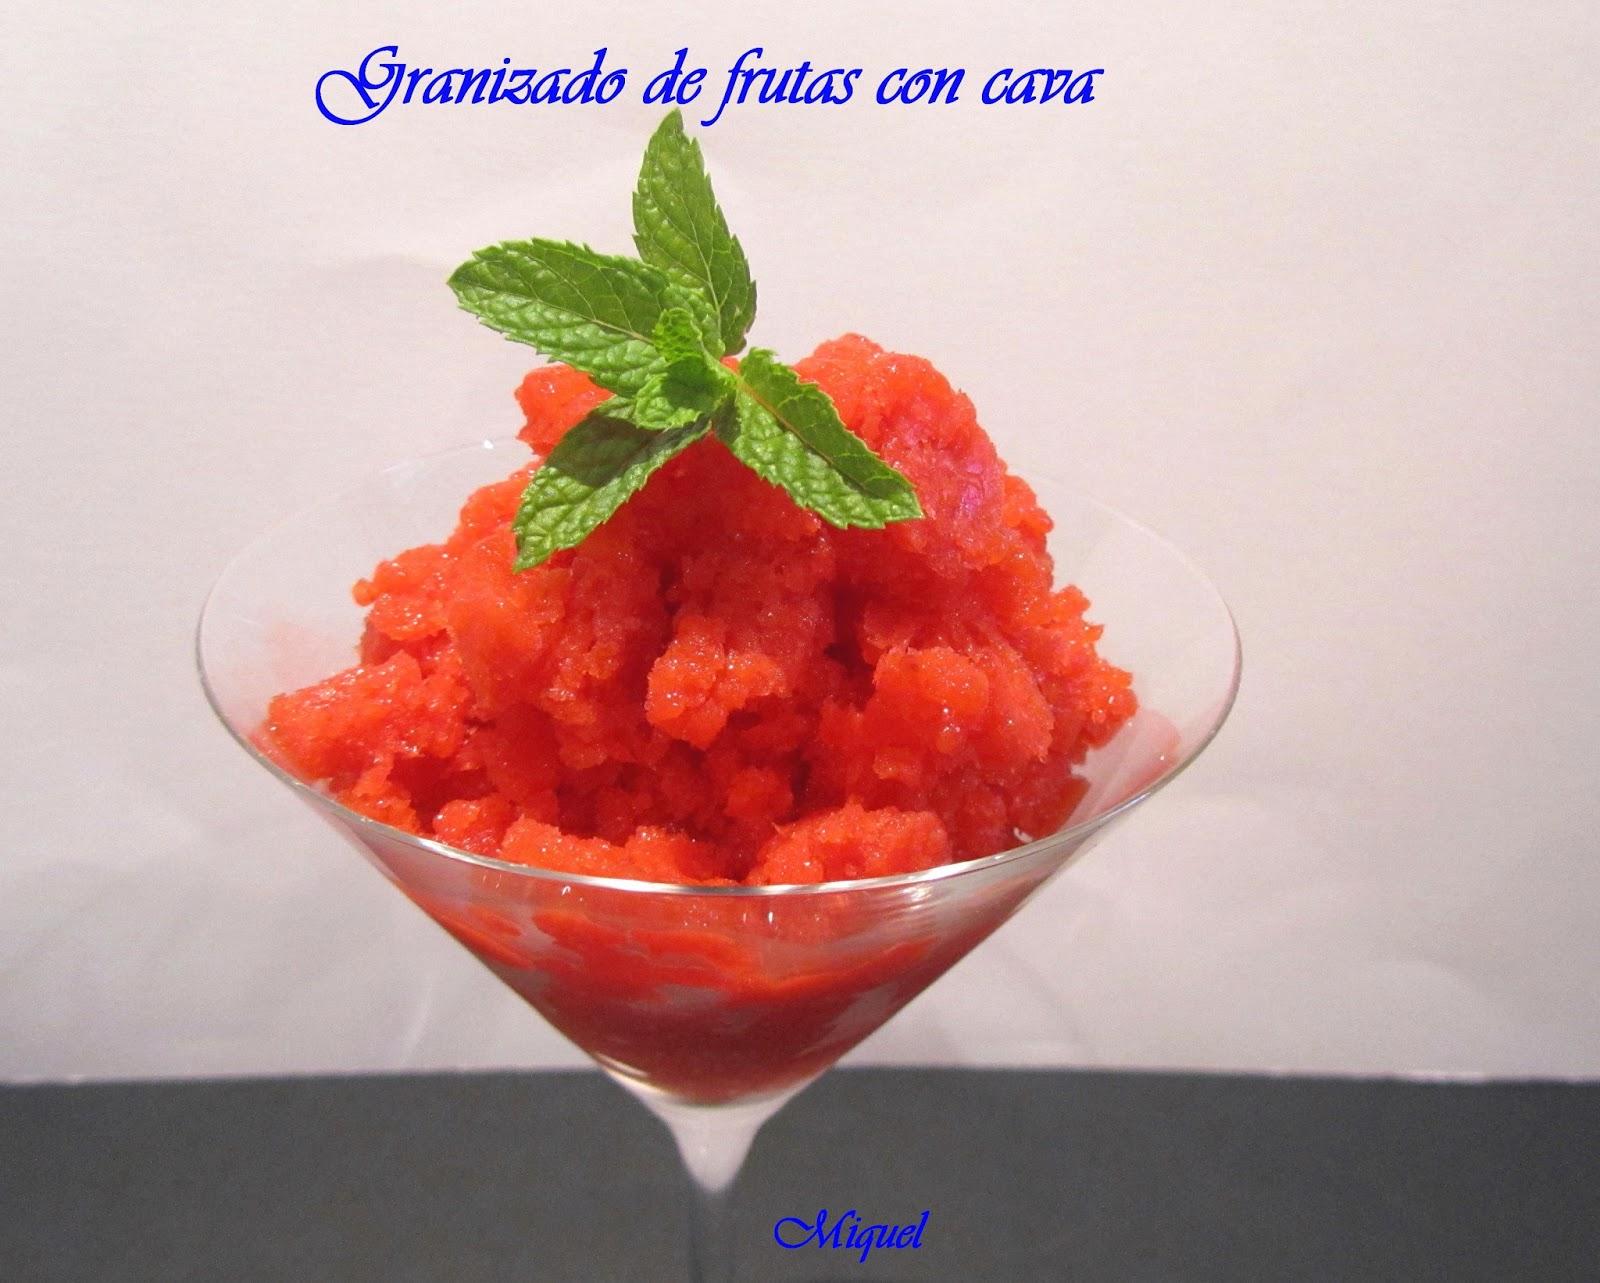 Granizado de fruta